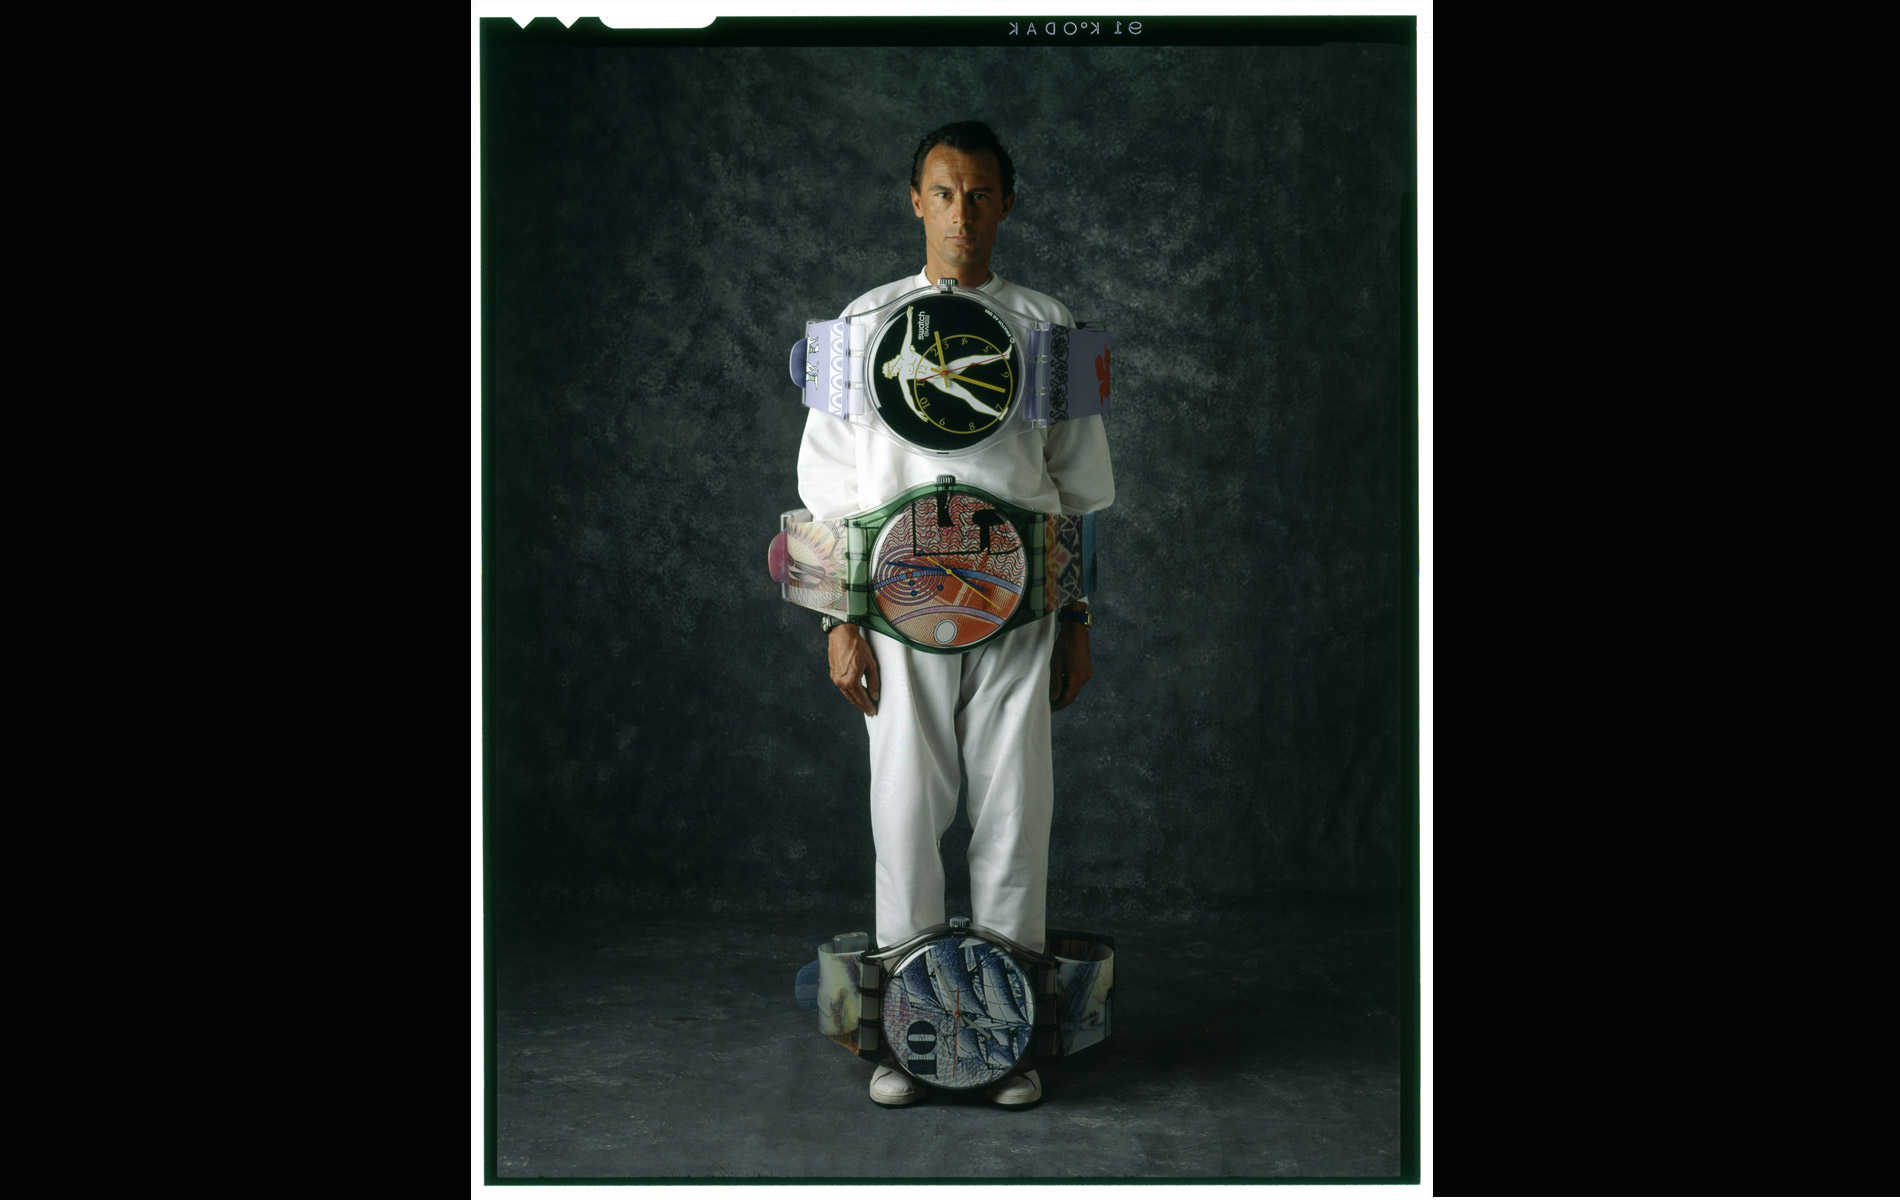 FRANCO BOSISIO - The SWATCHMAN - Portraits Exhibition - © Graziano Villa